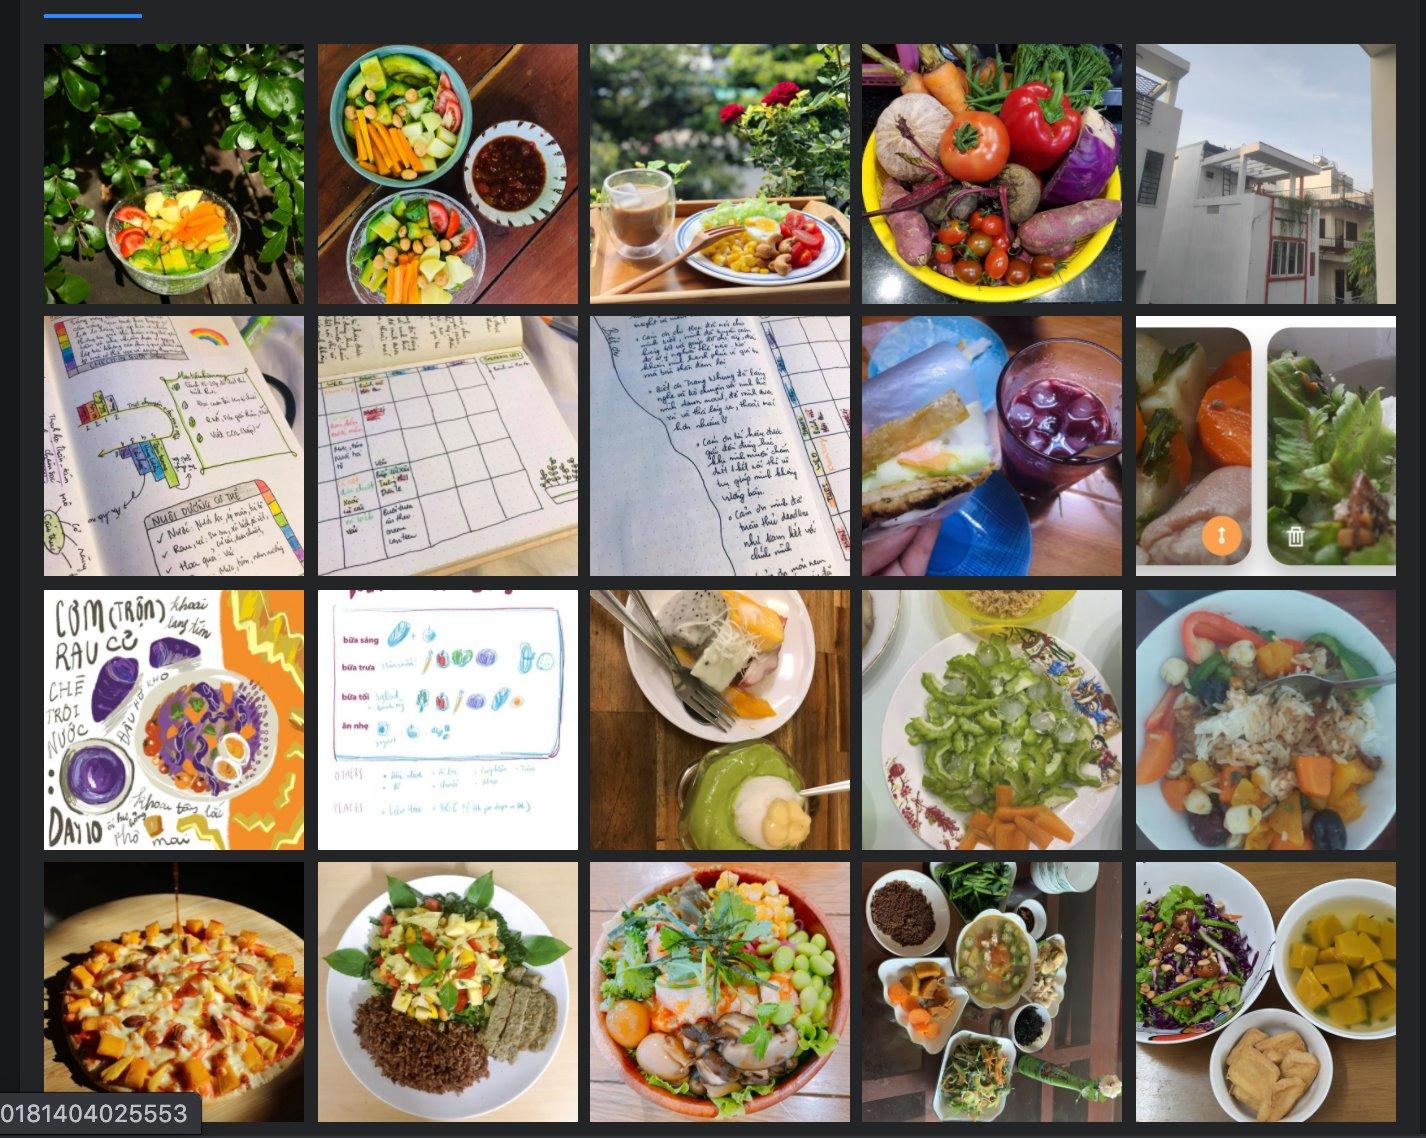 Hình ảnh các bữa ăn của học viên theo chế độ cầu vồng.